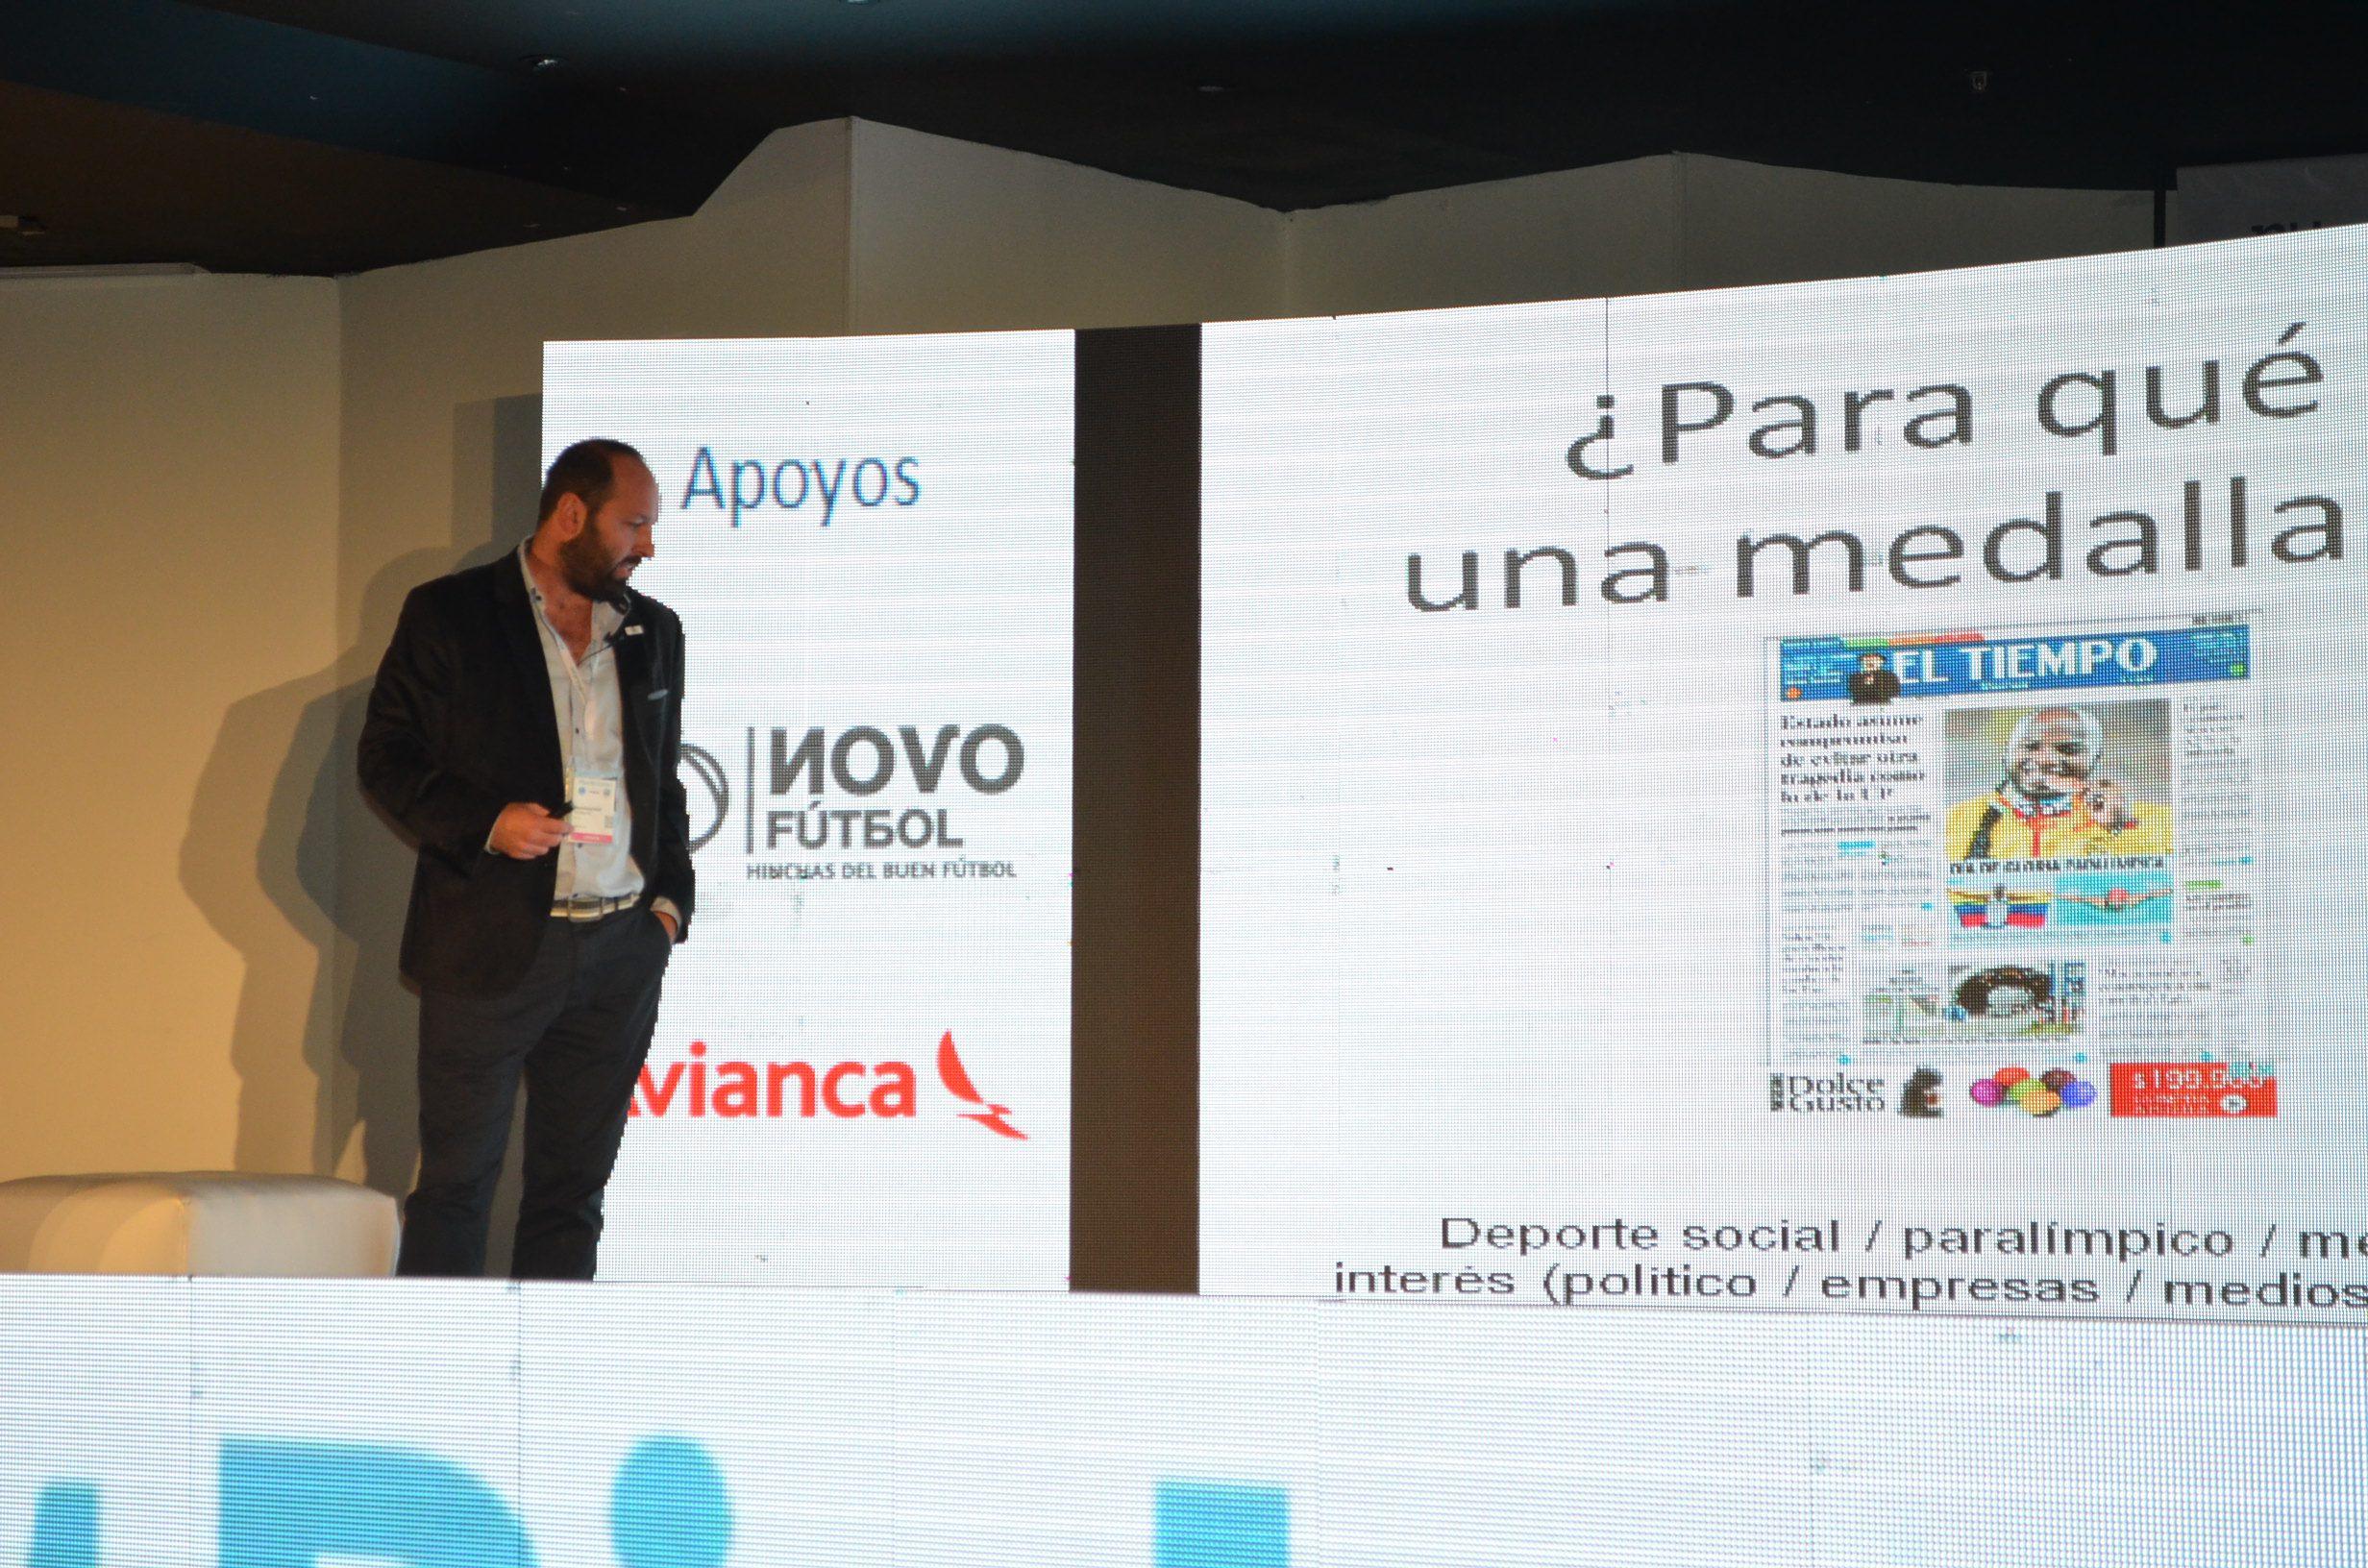 Paradeportes, en el 3er. Congreso de Sports Business en Colombia